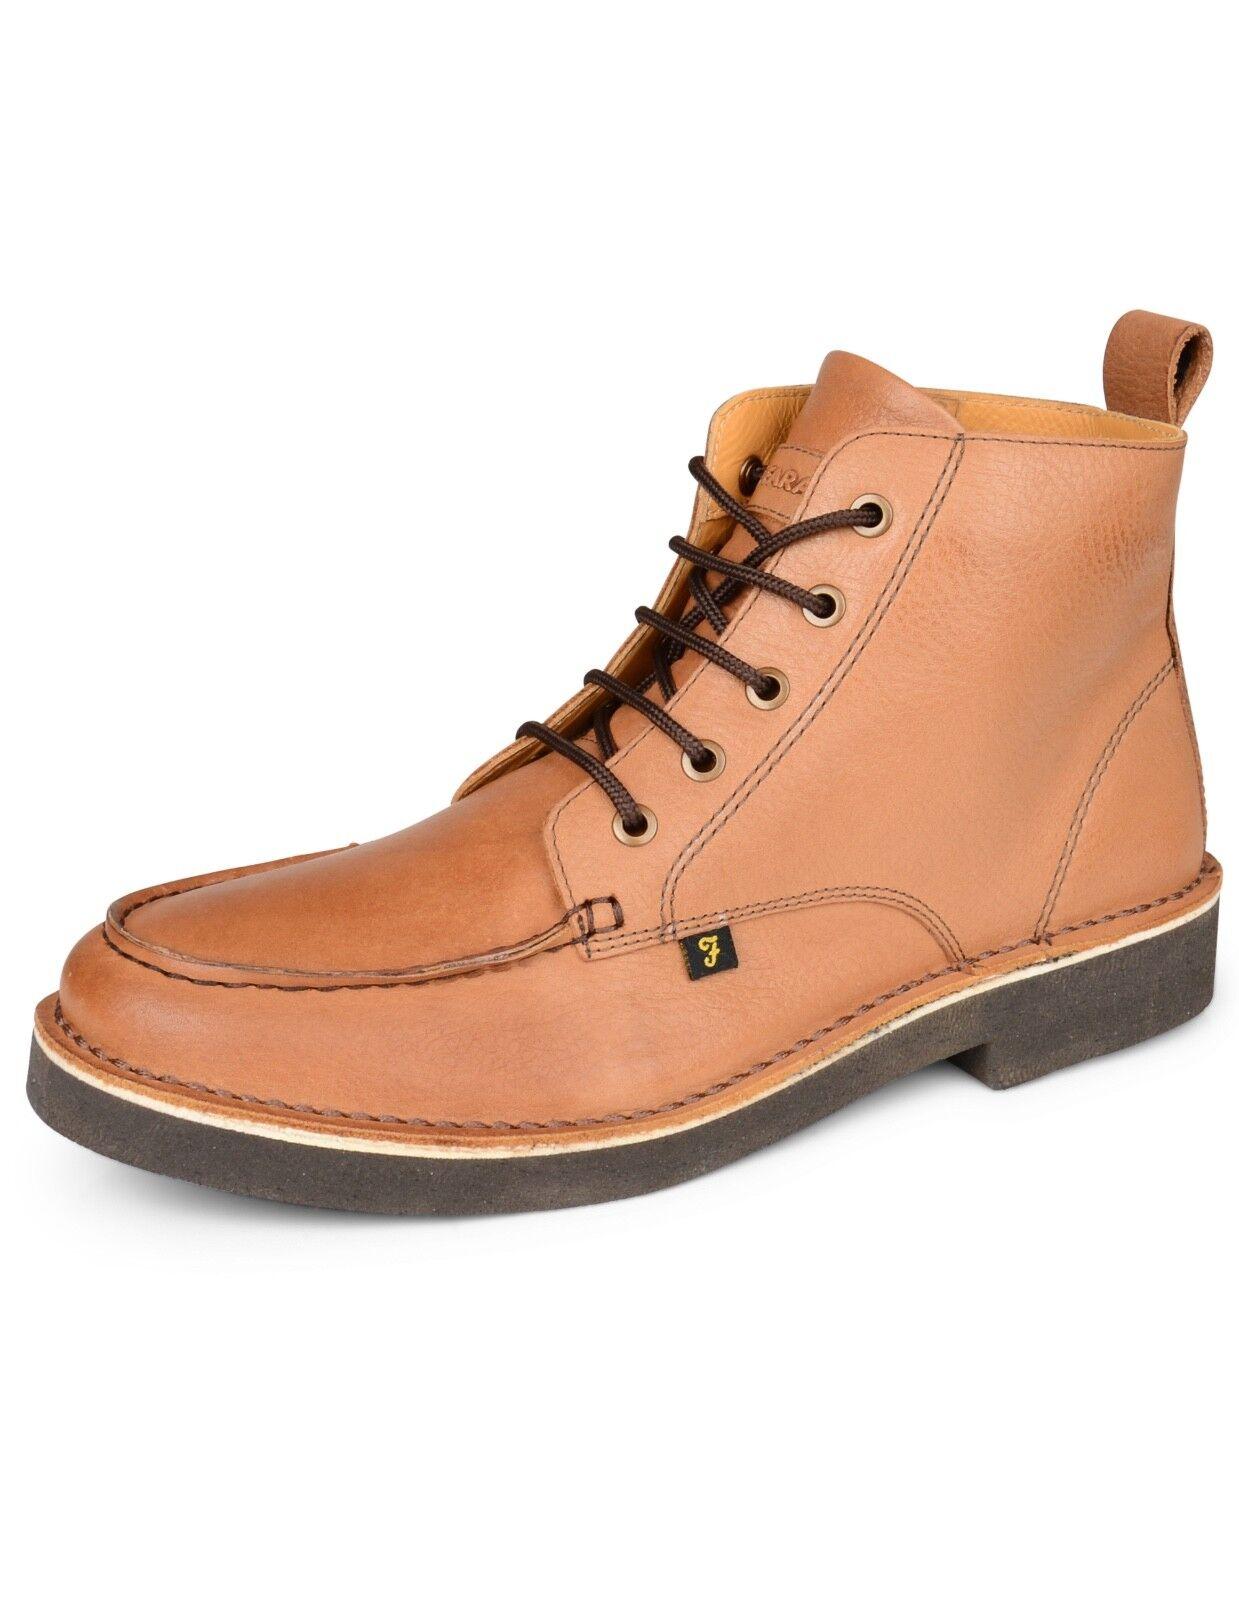 Farah Vintage Est Bottes Cuir Désert Hommes Tan Chaussures Décontractées